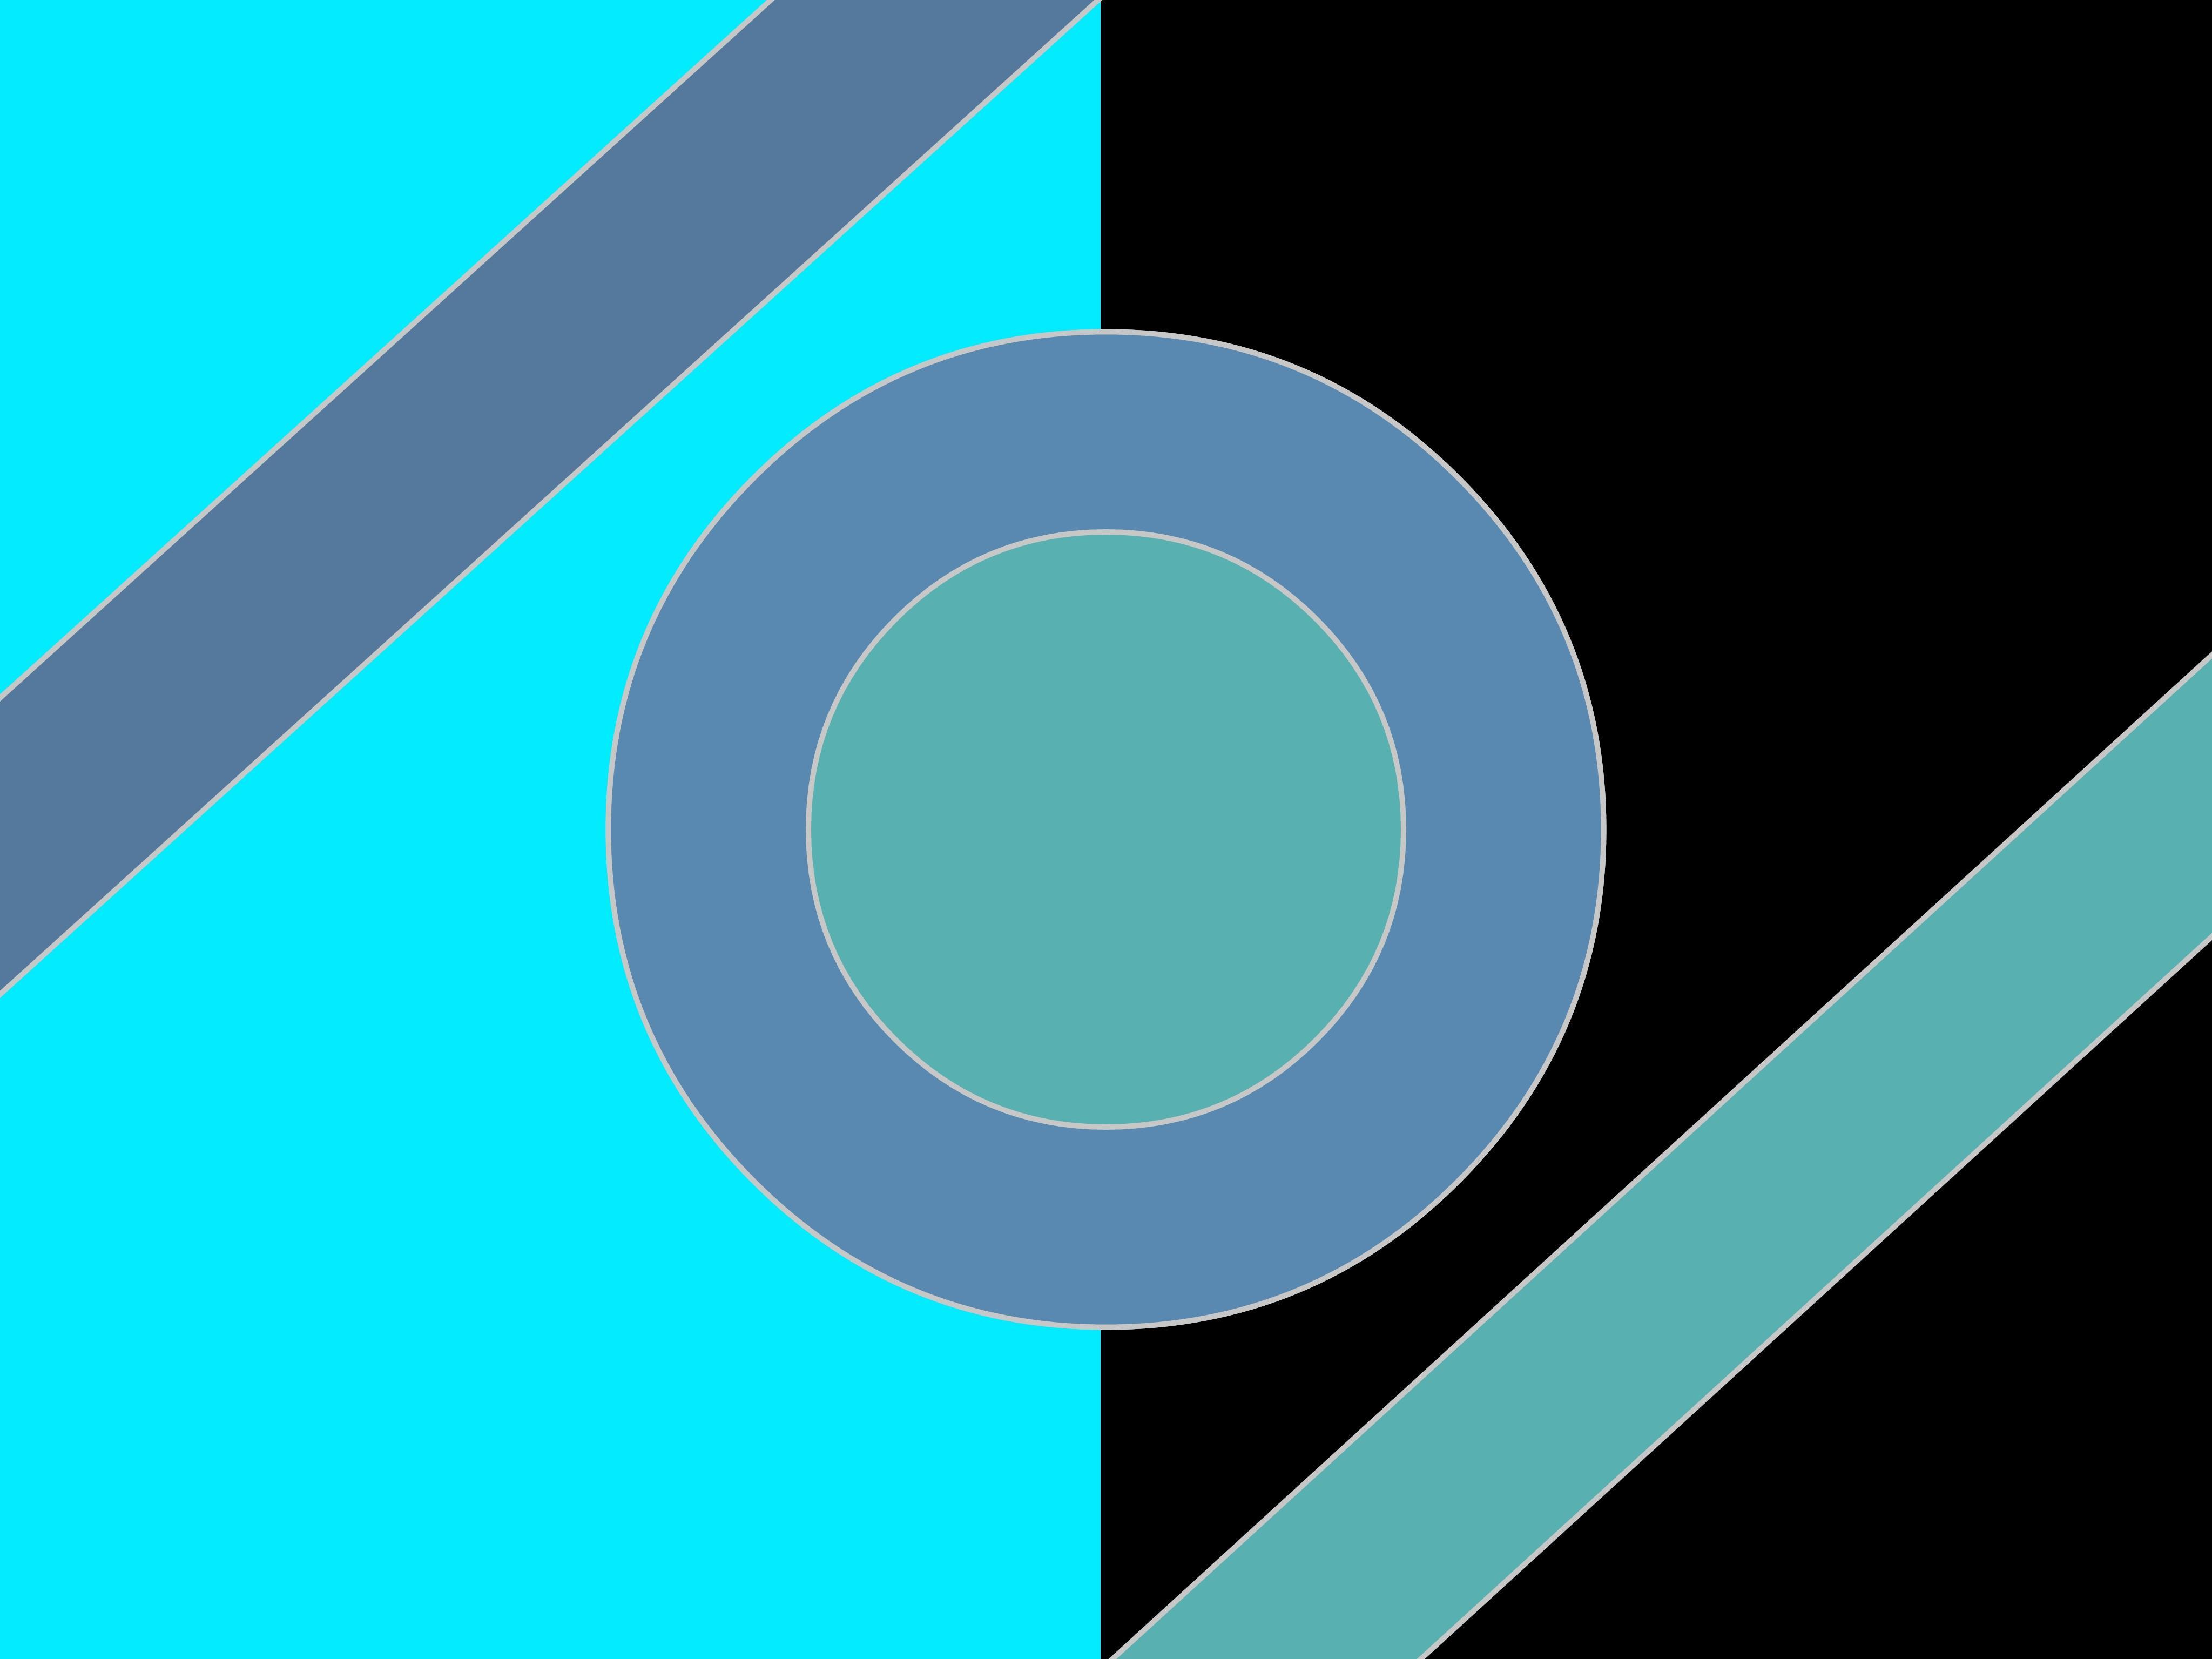 Обои абстракция, геометрия, круг, голубой